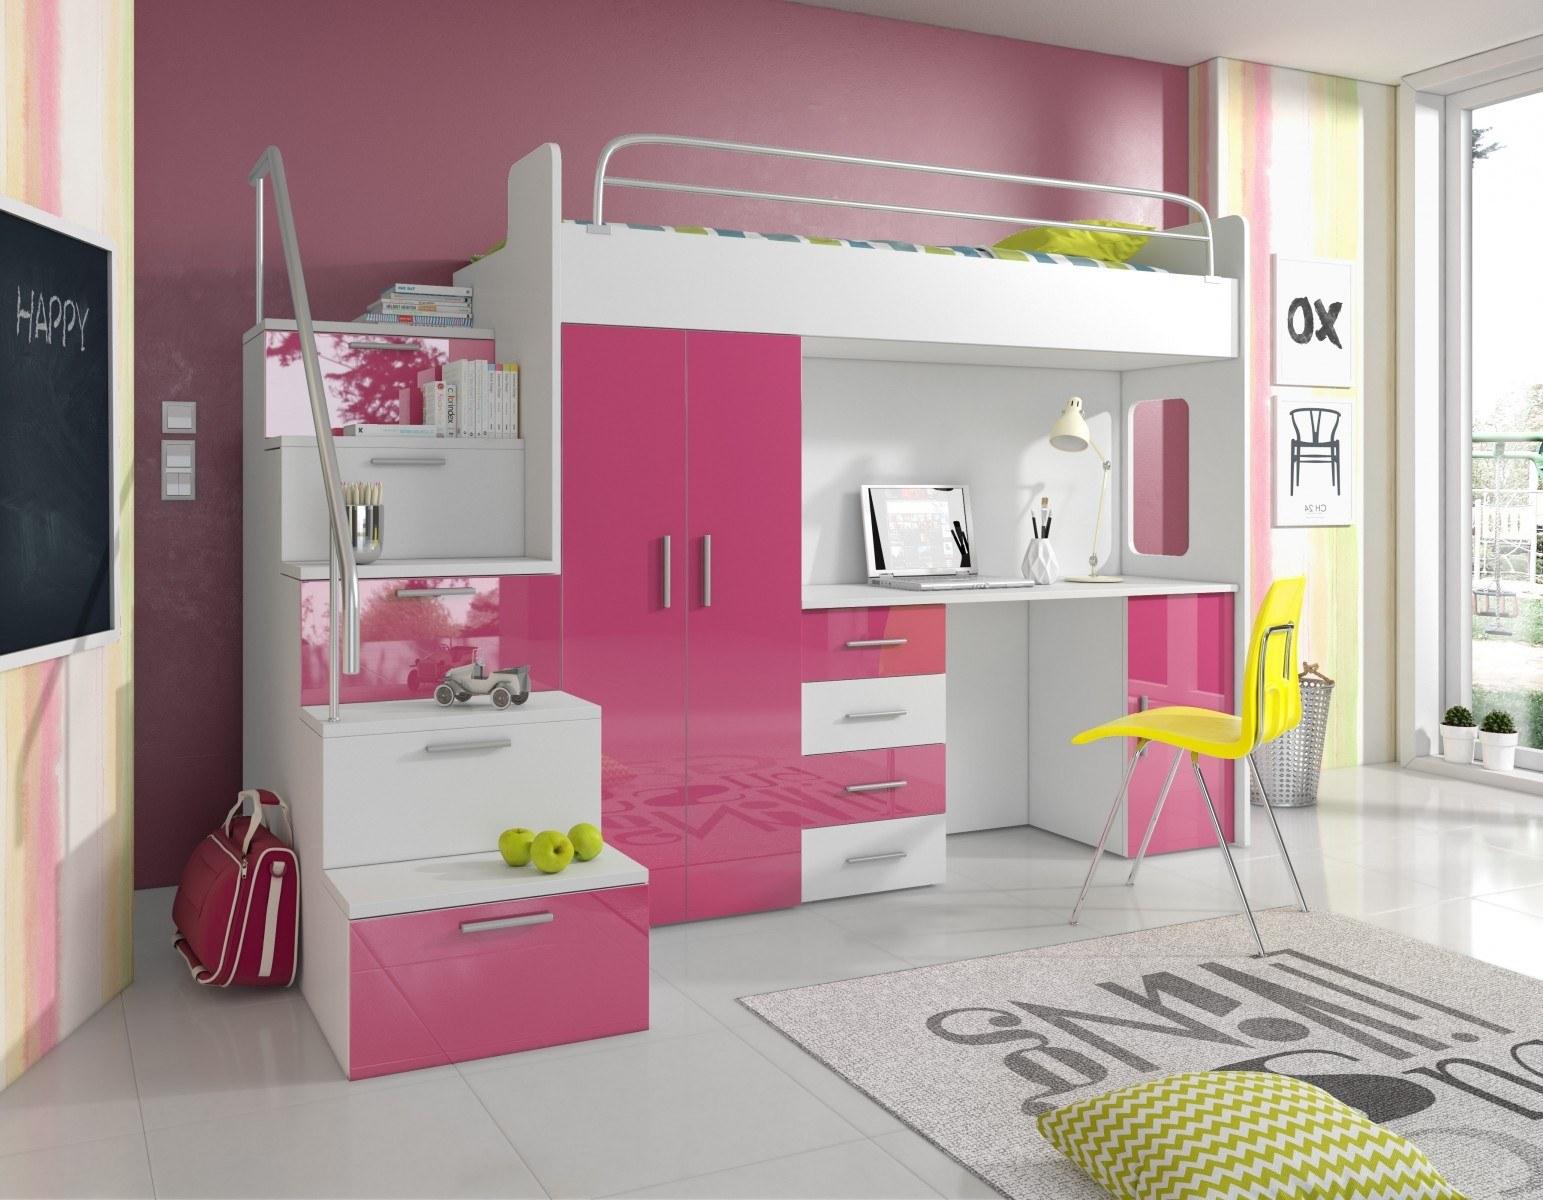 Full Size of Hochbett Pati Mit Schreibtisch Regal Kinderzimmer Weiß Regale Sofa Kinderzimmer Hochbetten Kinderzimmer